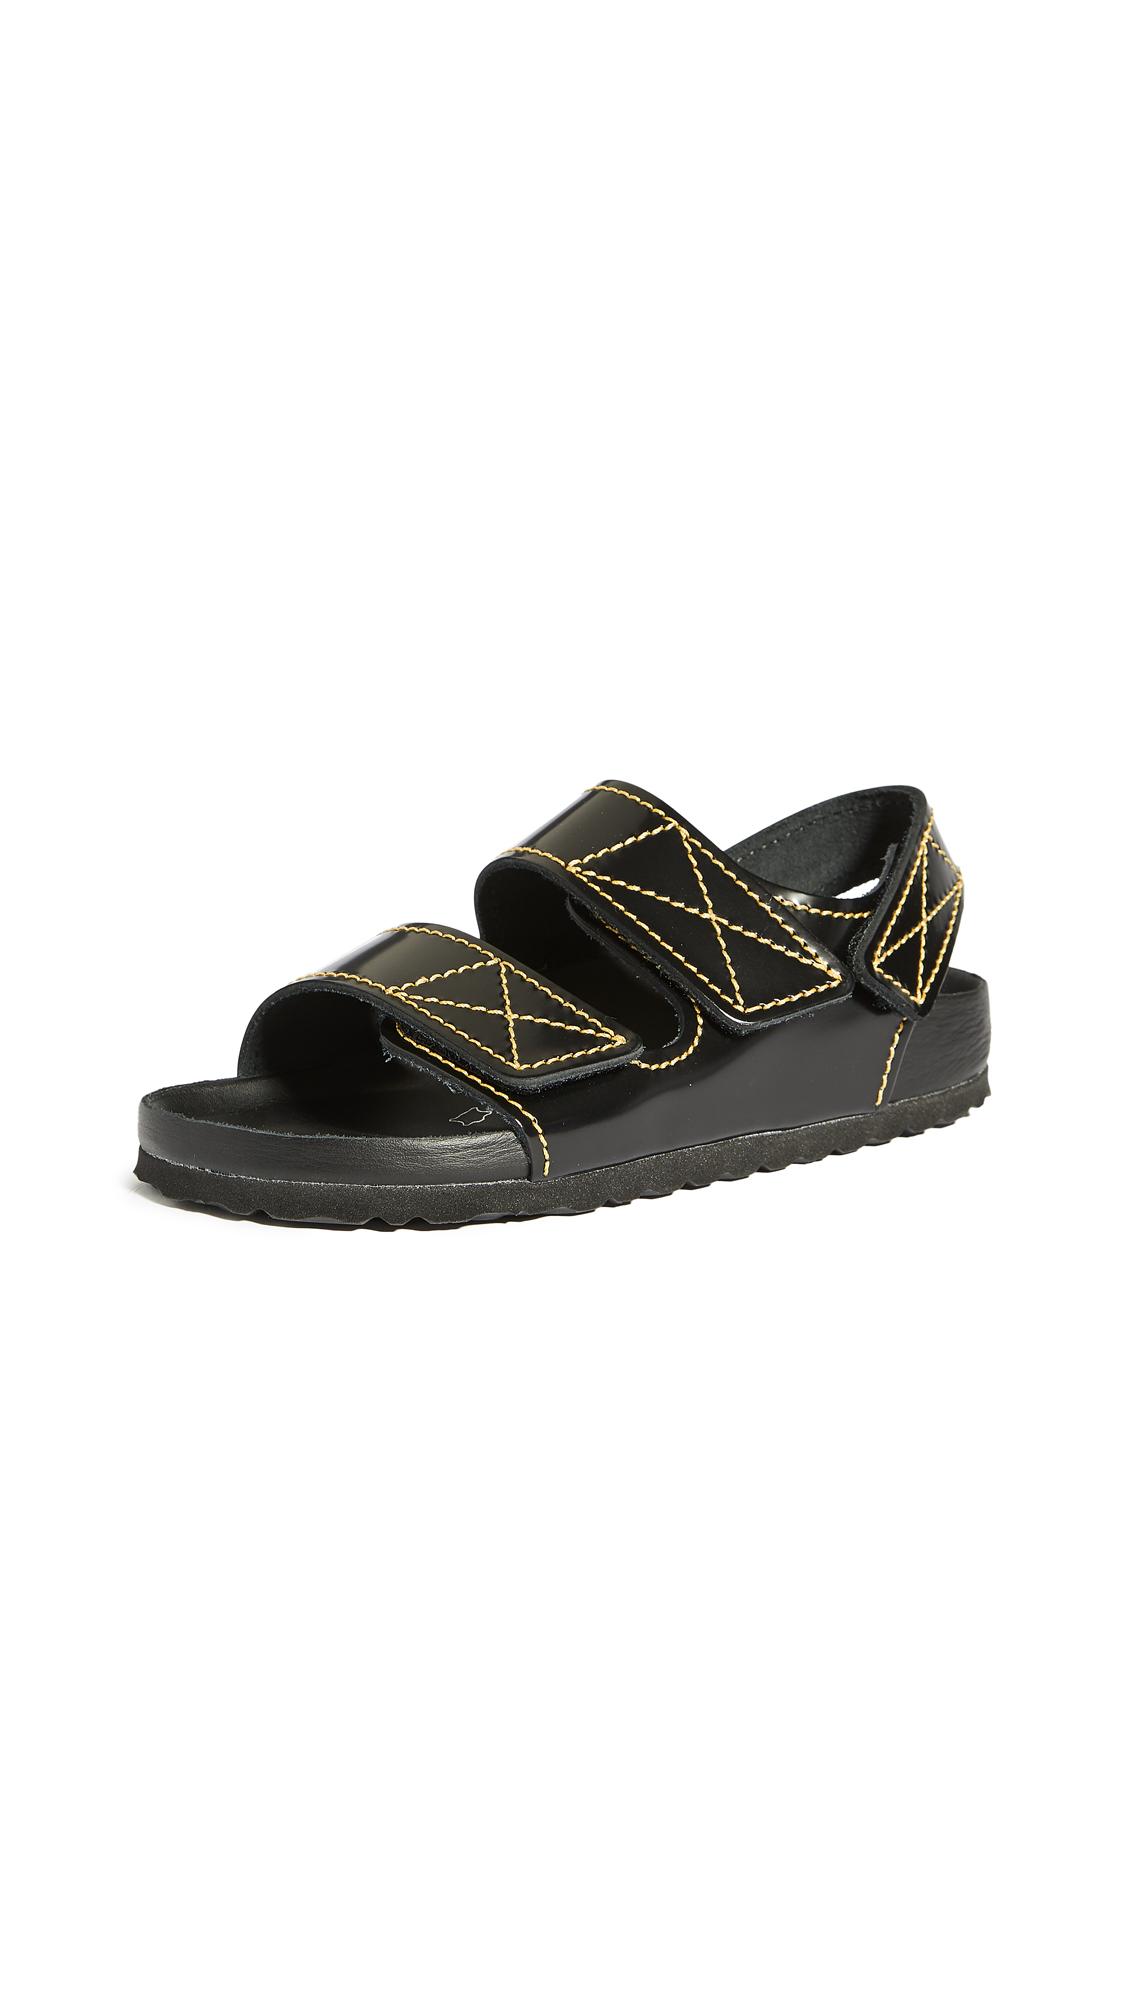 Birkenstock x Proenza Schouler Milano PS EXQ NL Slingback Sandals-Narrow